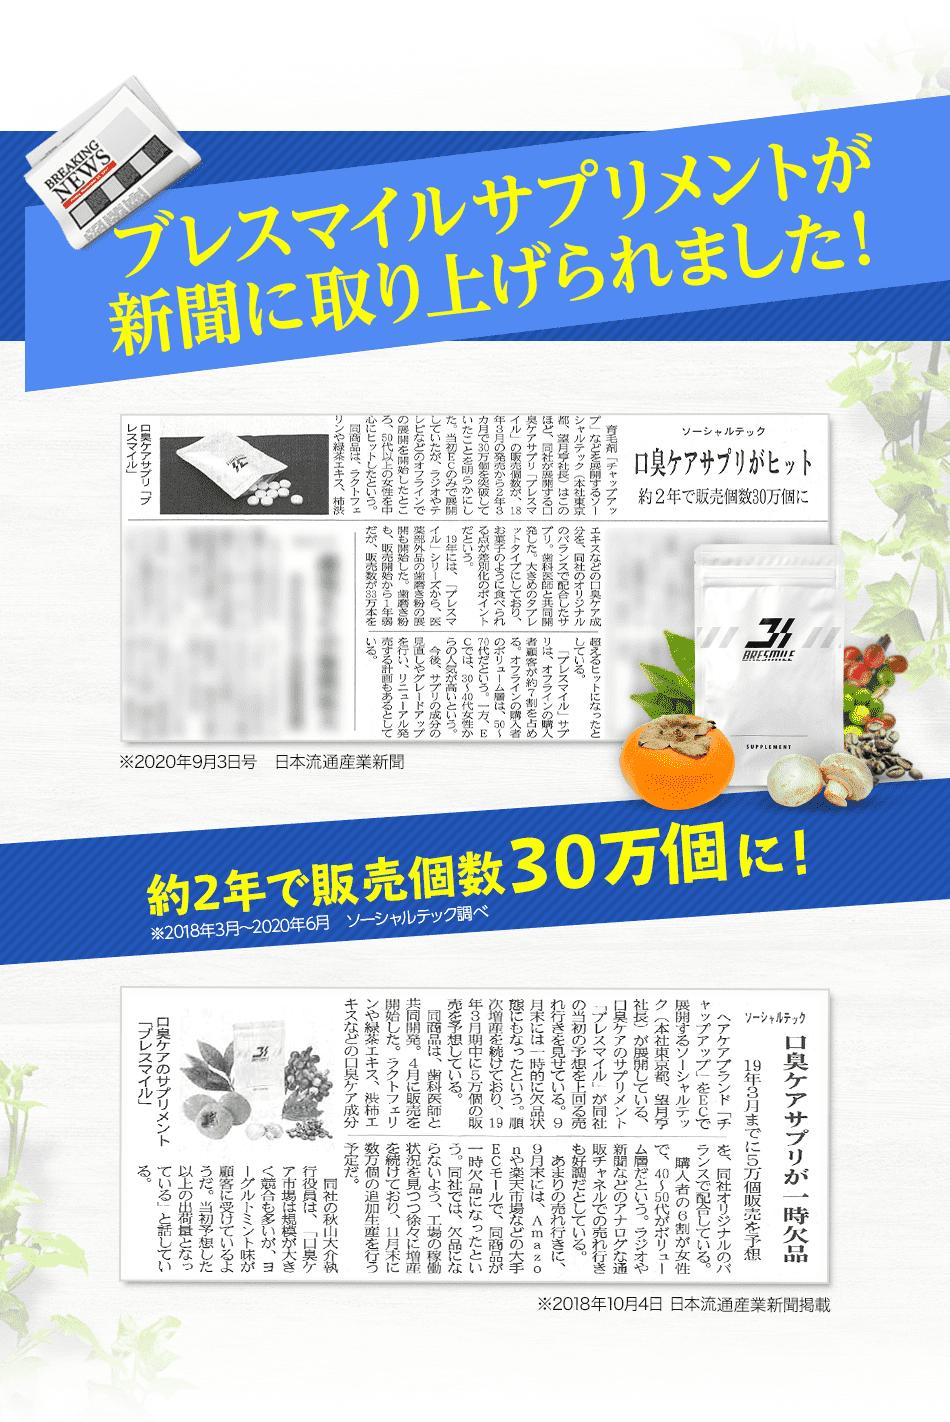 ブレスマイルサプリメントが新聞に取り上げられました!(※2020年9月3日号 日本流通産業新聞)